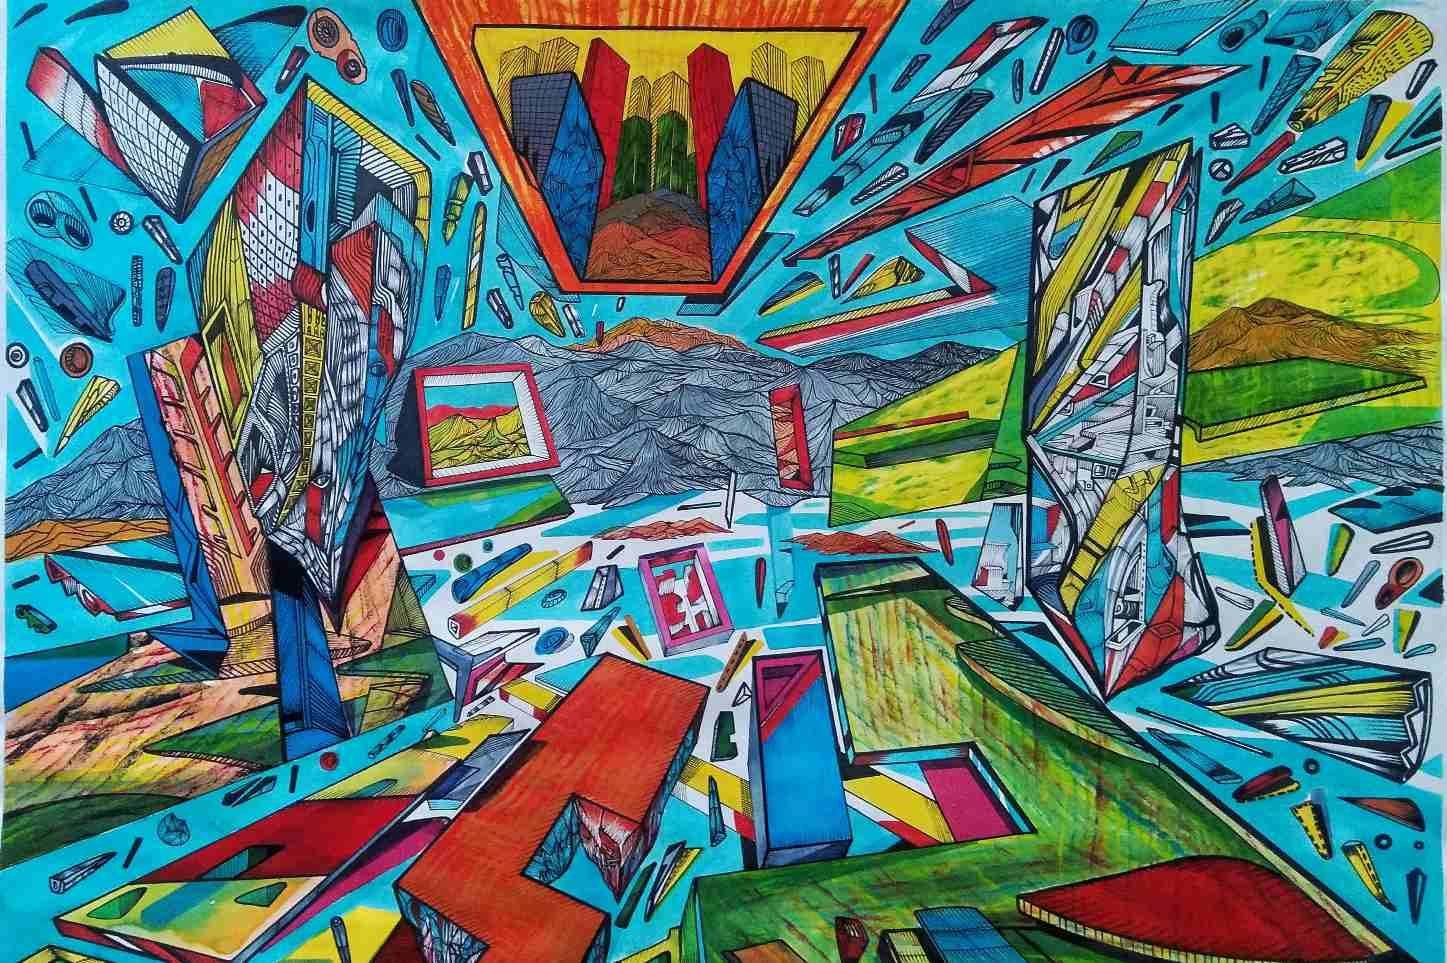 Flying city 7 by Marko Gavrilovic